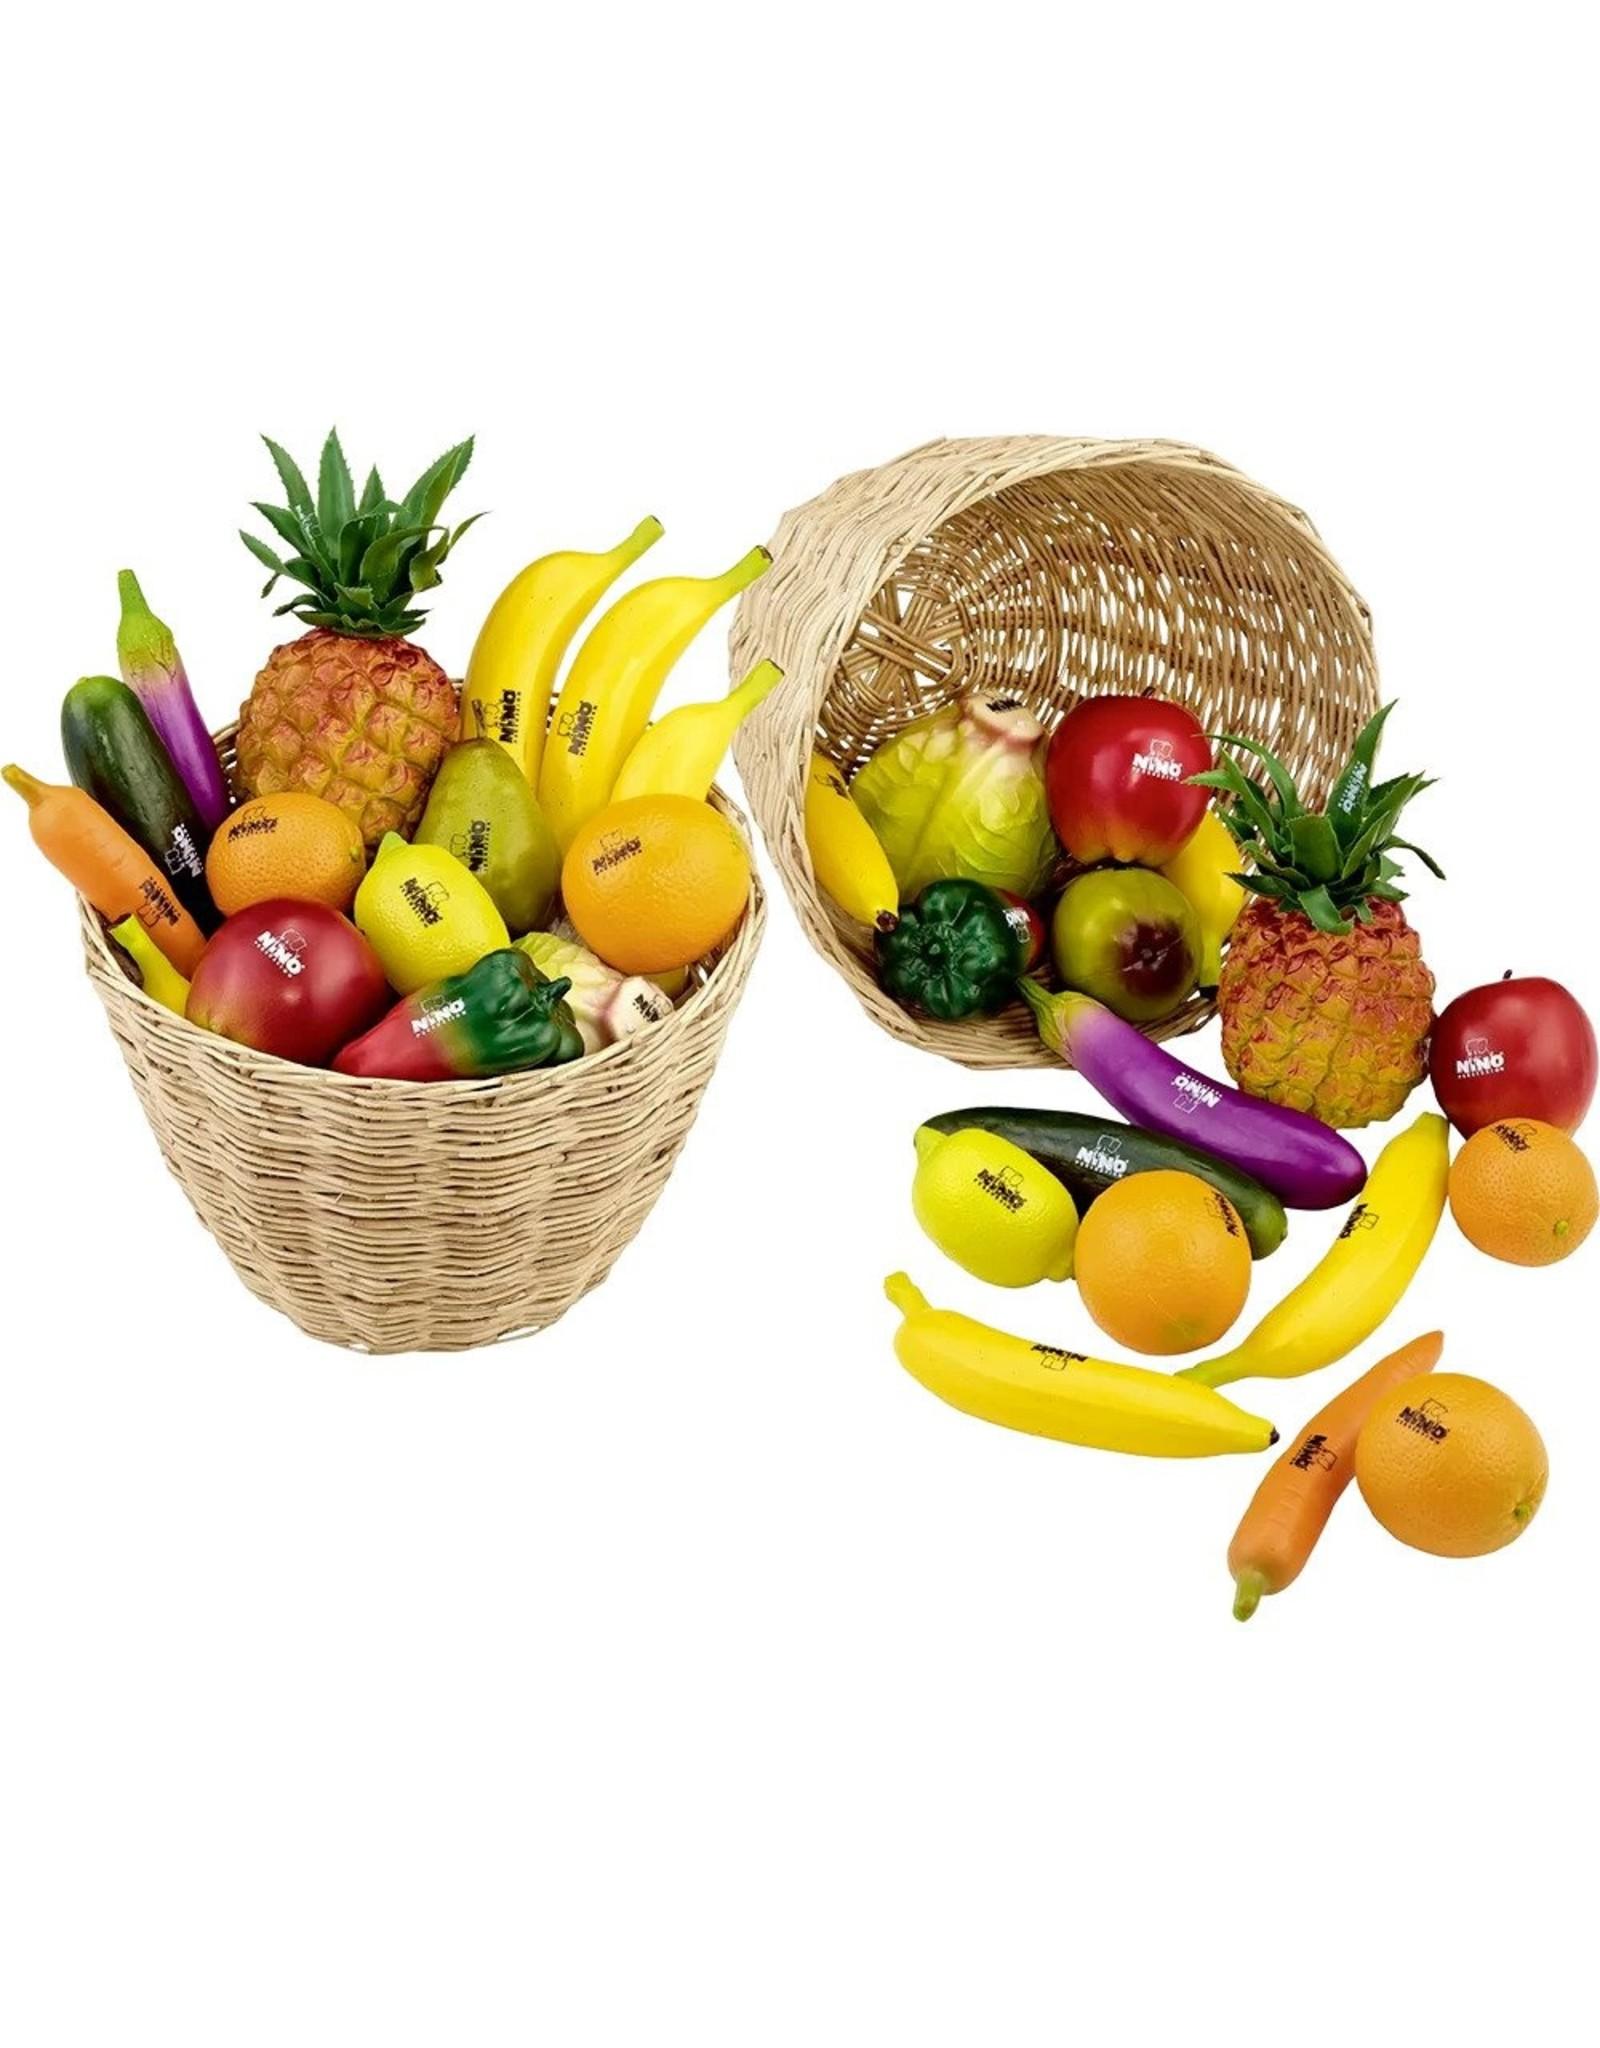 Meinl Meinl Nino Fruit shaker